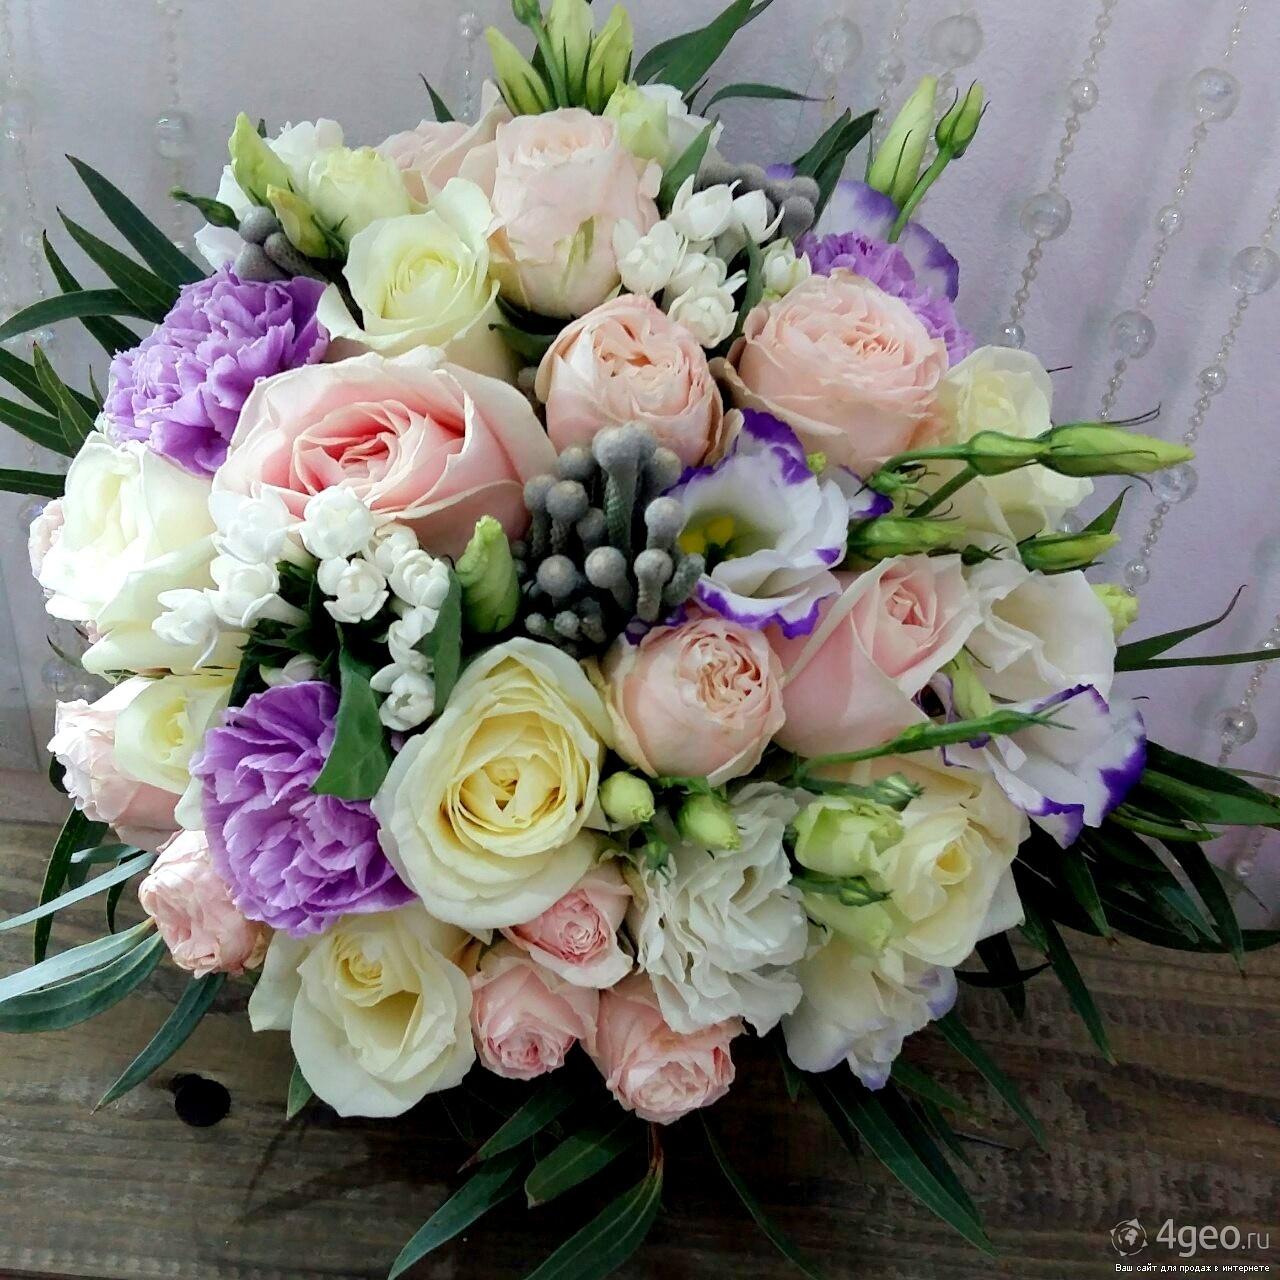 Доставка цветов из европы цветы 8 марта весна лето